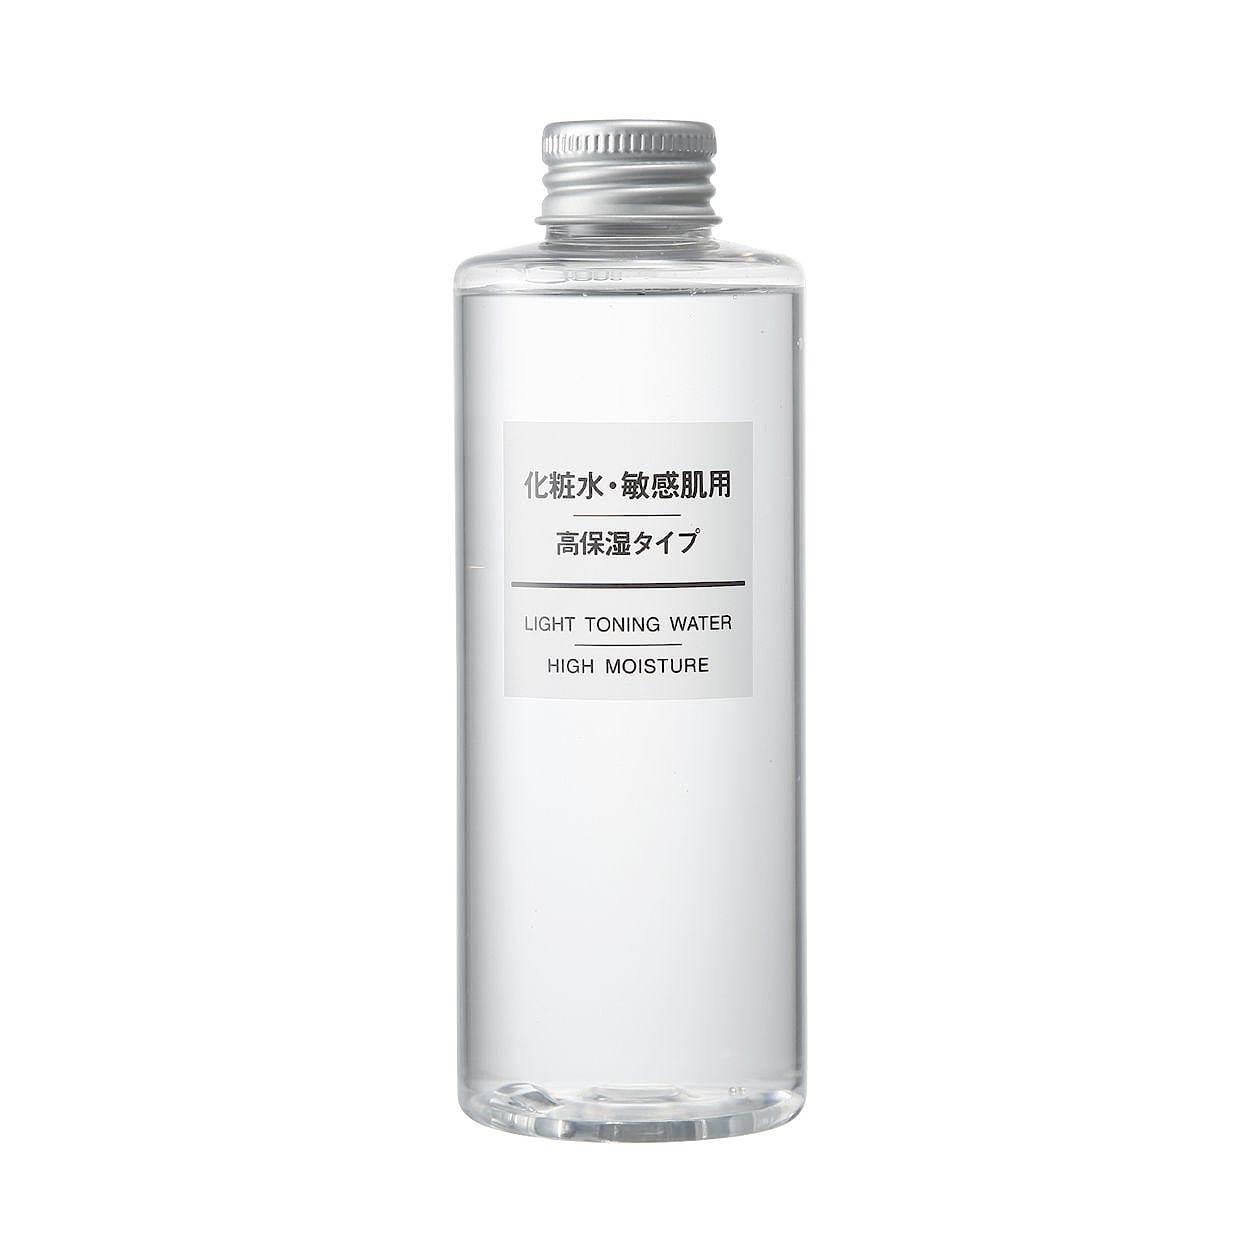 無印良品の「化粧水・敏感肌用・高保湿タイプ 200ml」